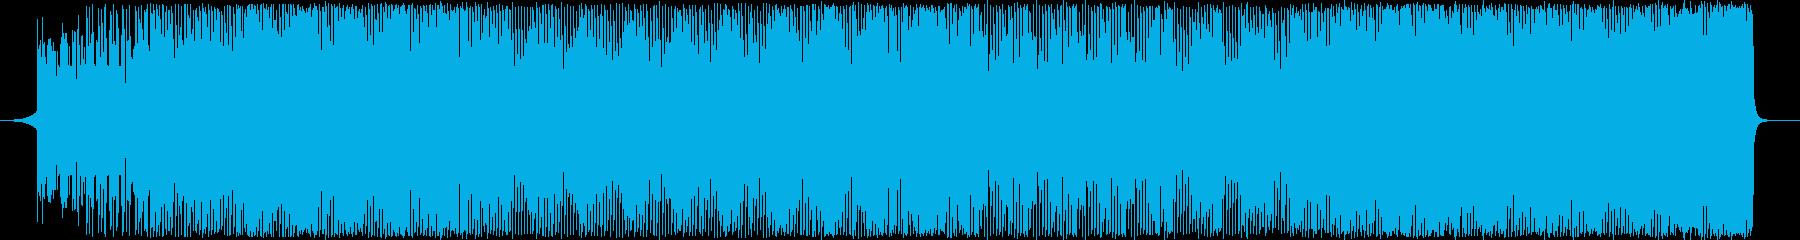 ファンクEDM-スポーツやクールなシーンの再生済みの波形